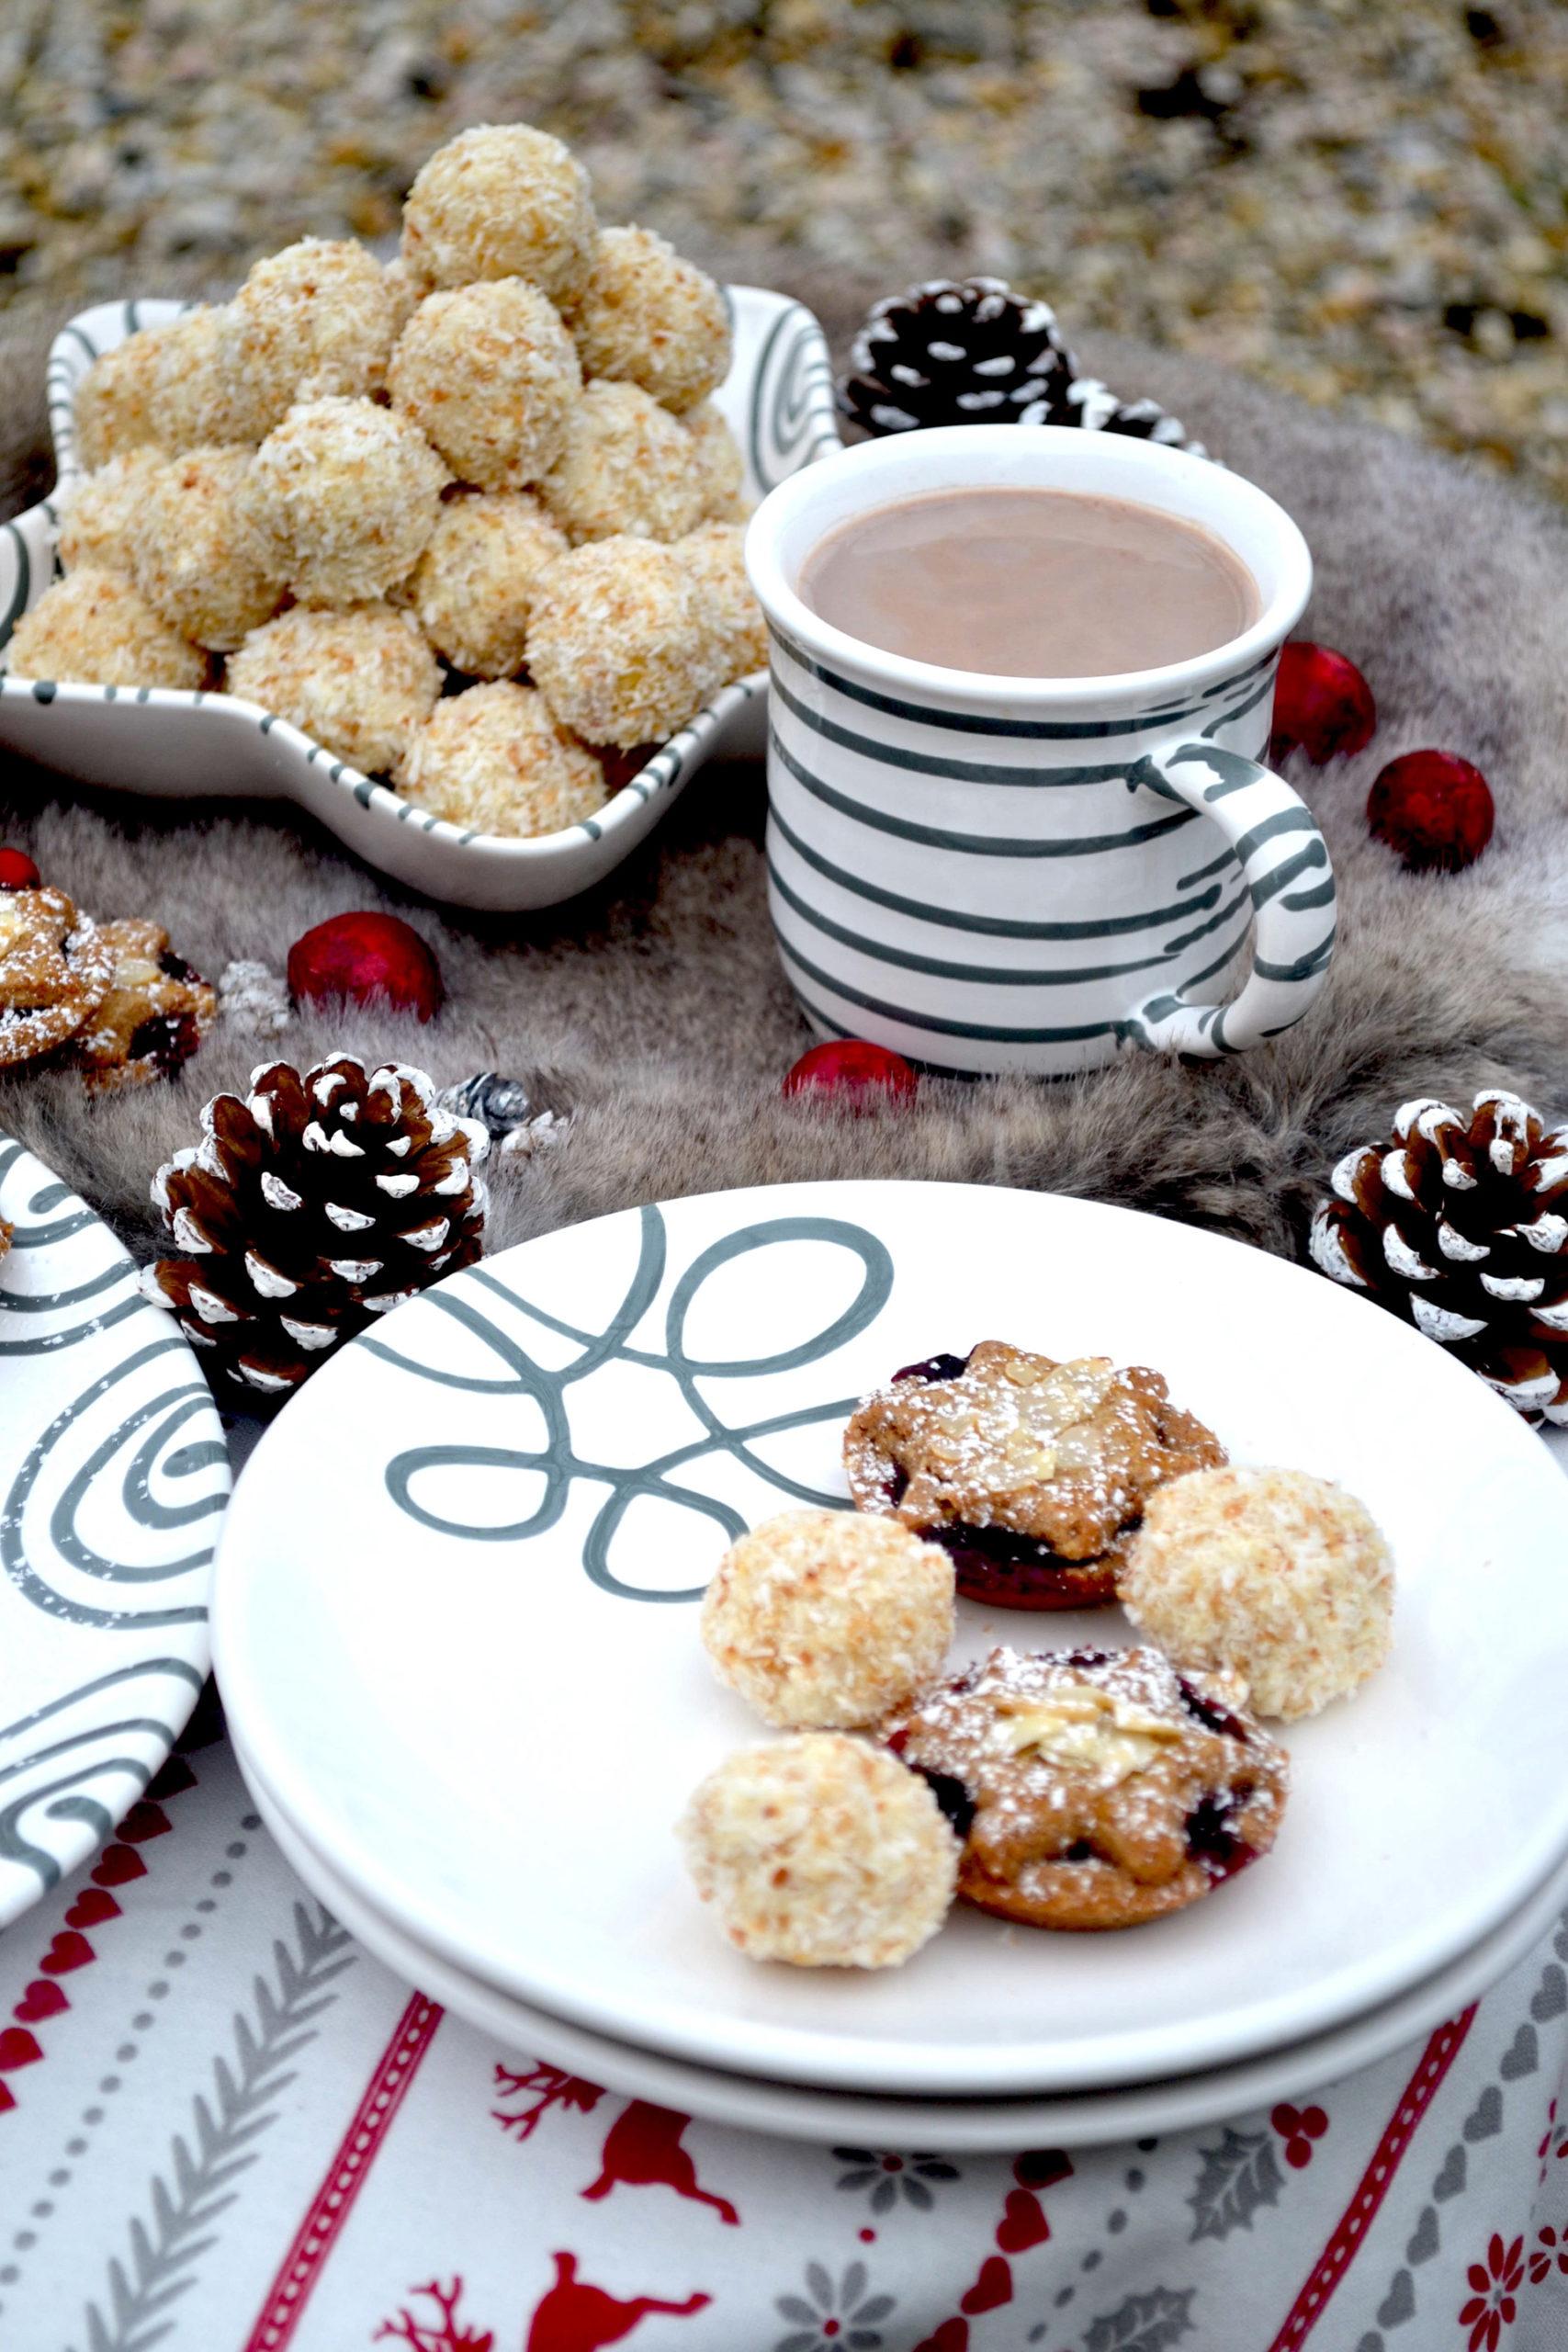 Auf dem handbemalten Geschirr von Gmundner Keramik kommen Weihnachtsleckereien besonders hübsch zur Geltung